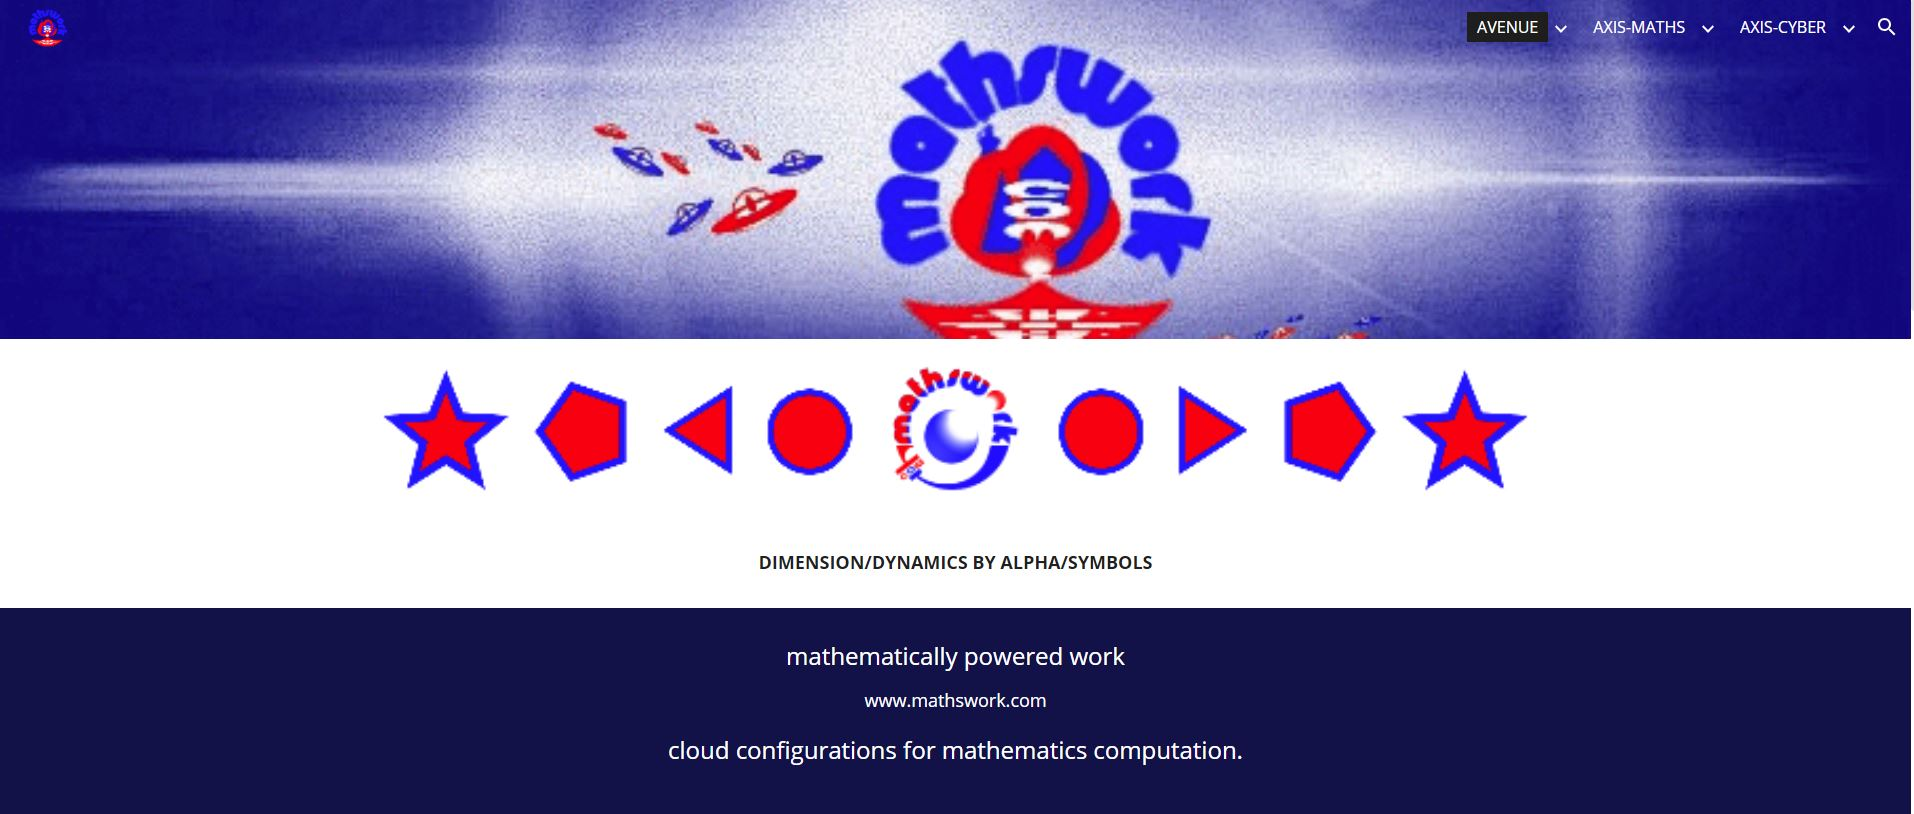 mathswork.com